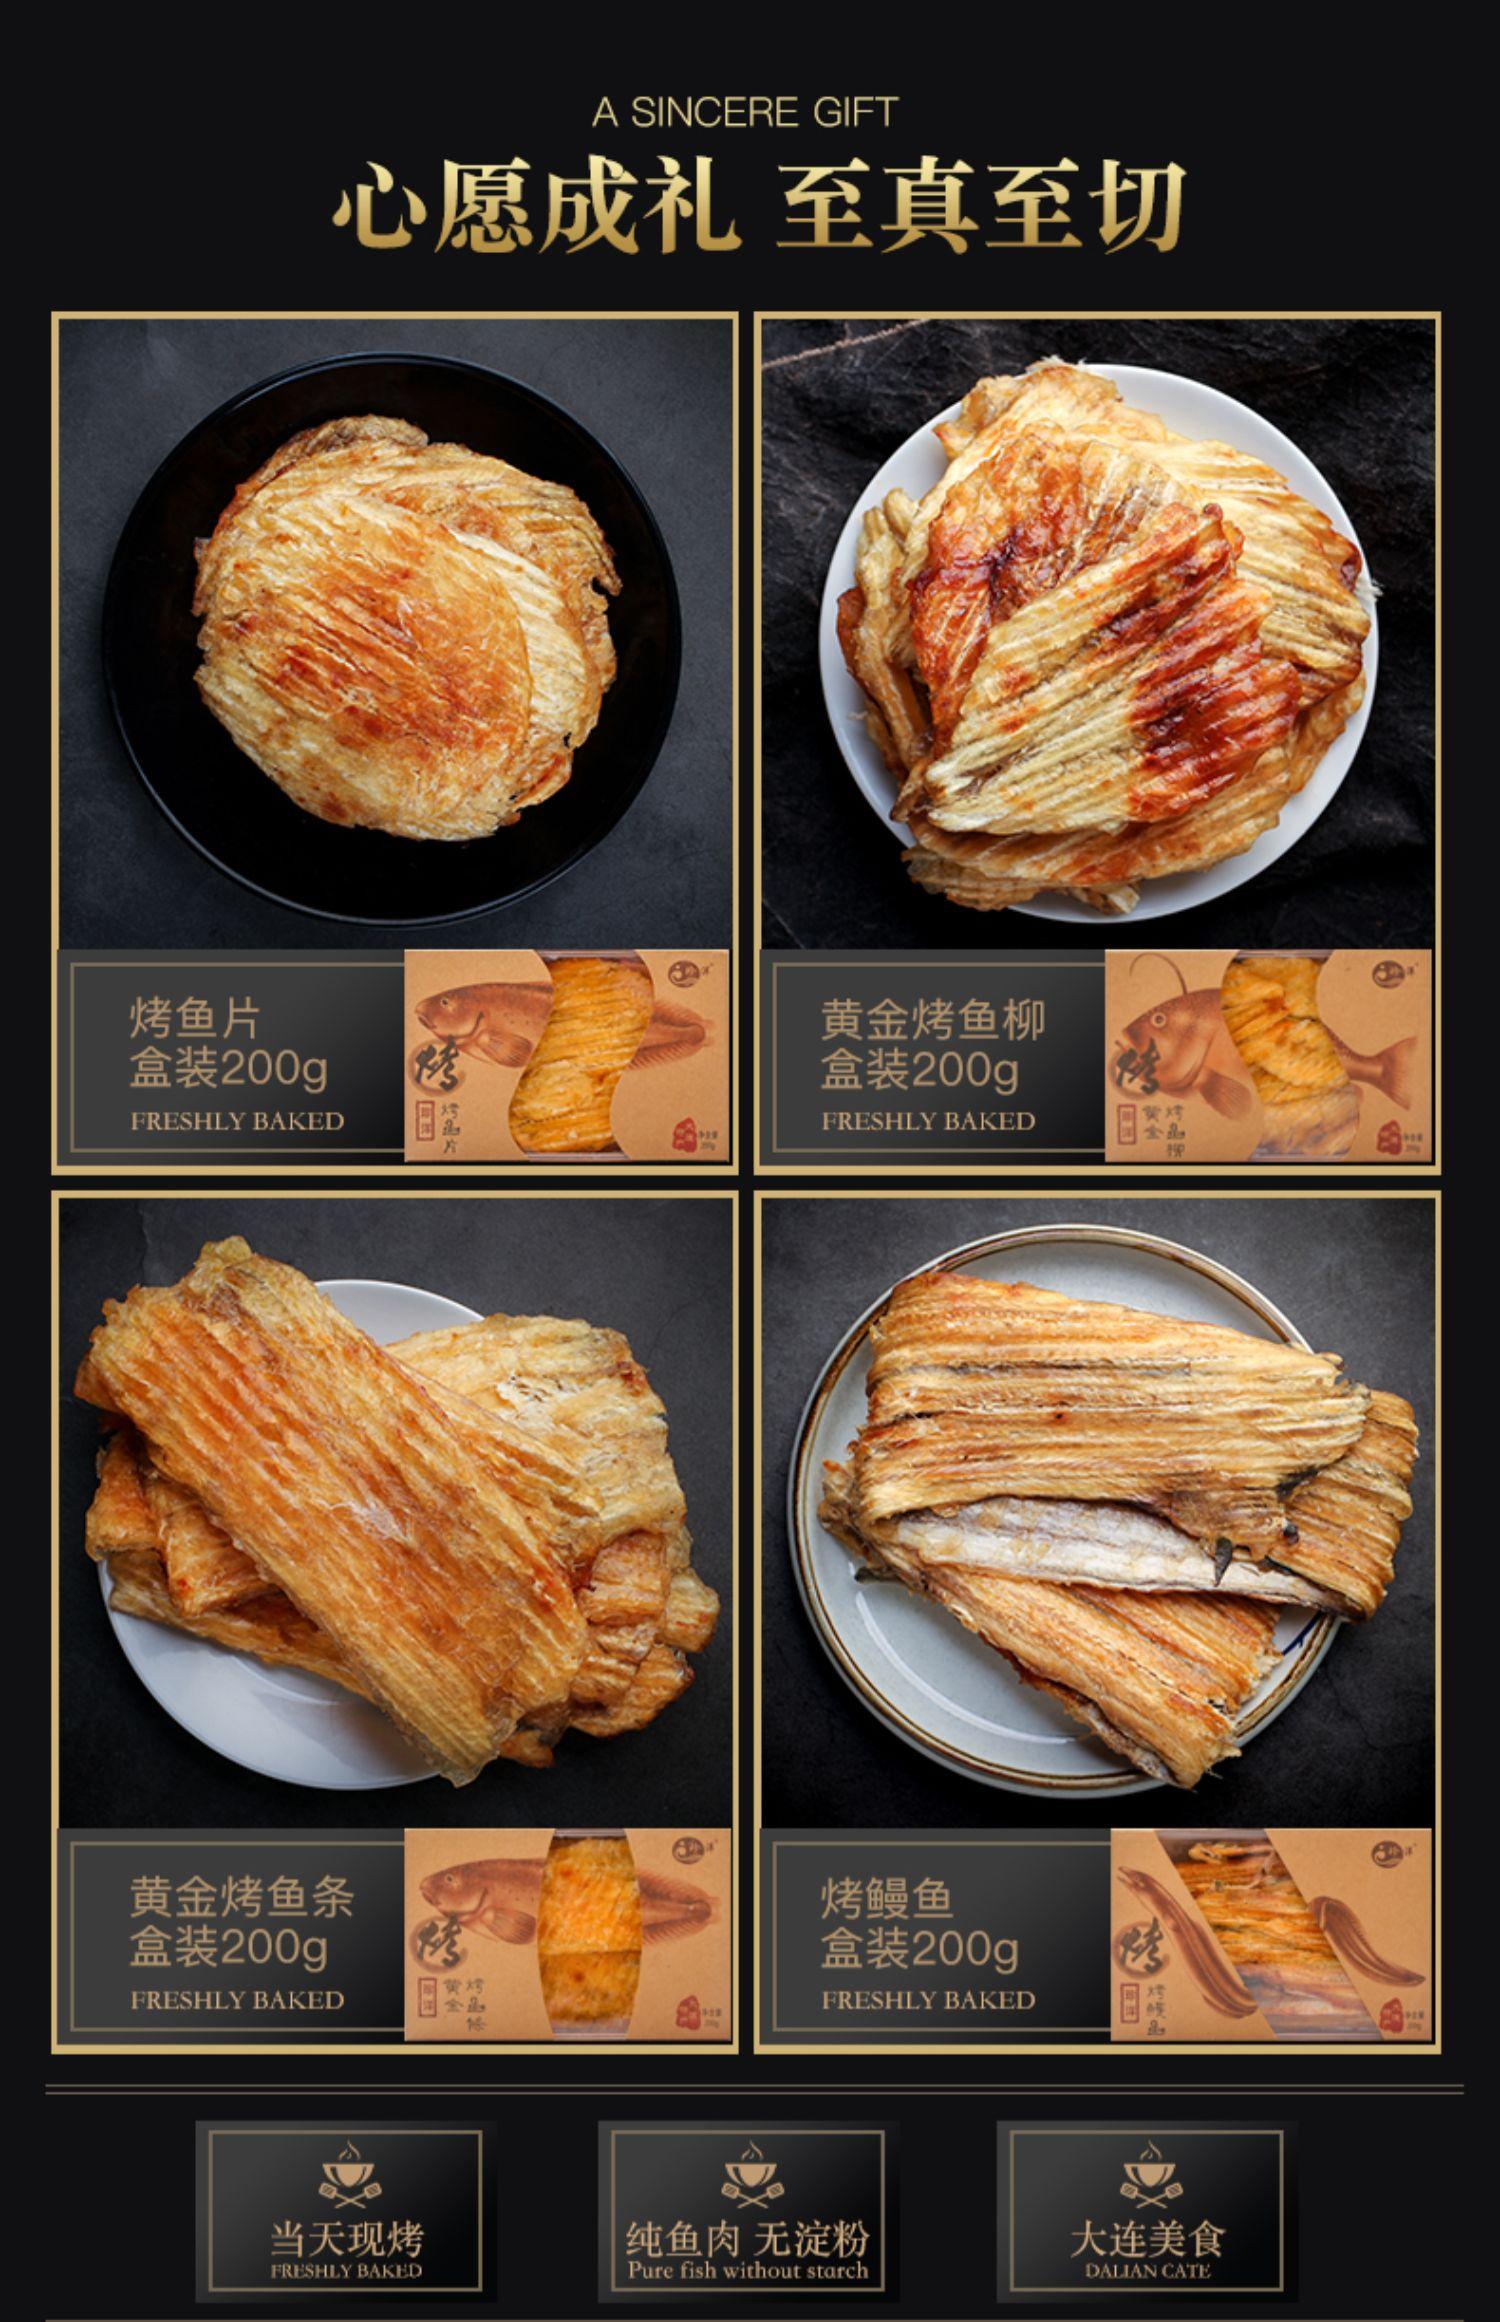 珍洋烤鱼片珍享海鲜礼盒节日4盒大连特产干货零食大礼包鱼片干商品详情图